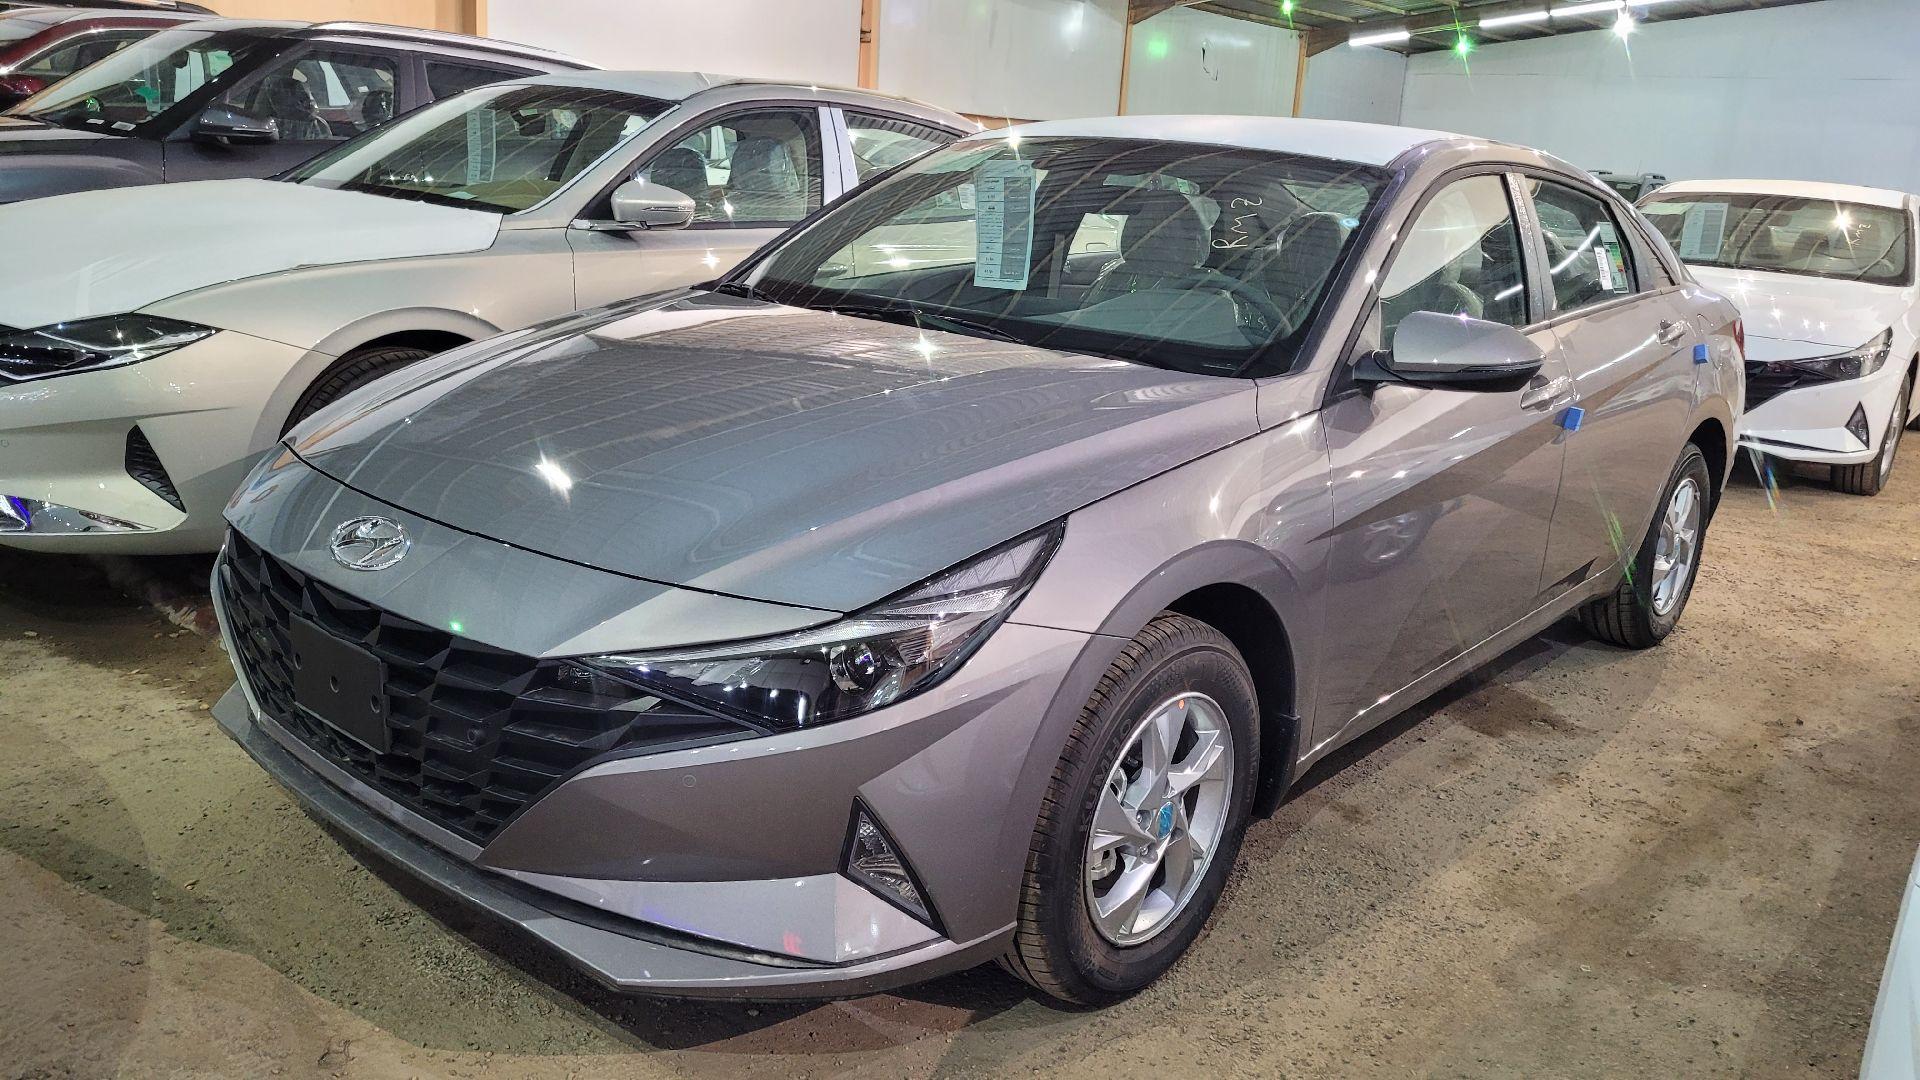 مباع - هونداي النترا GL 2022 ستاندر سعودي للبيع في الرياض - السعودية - صورة كبيرة - 2